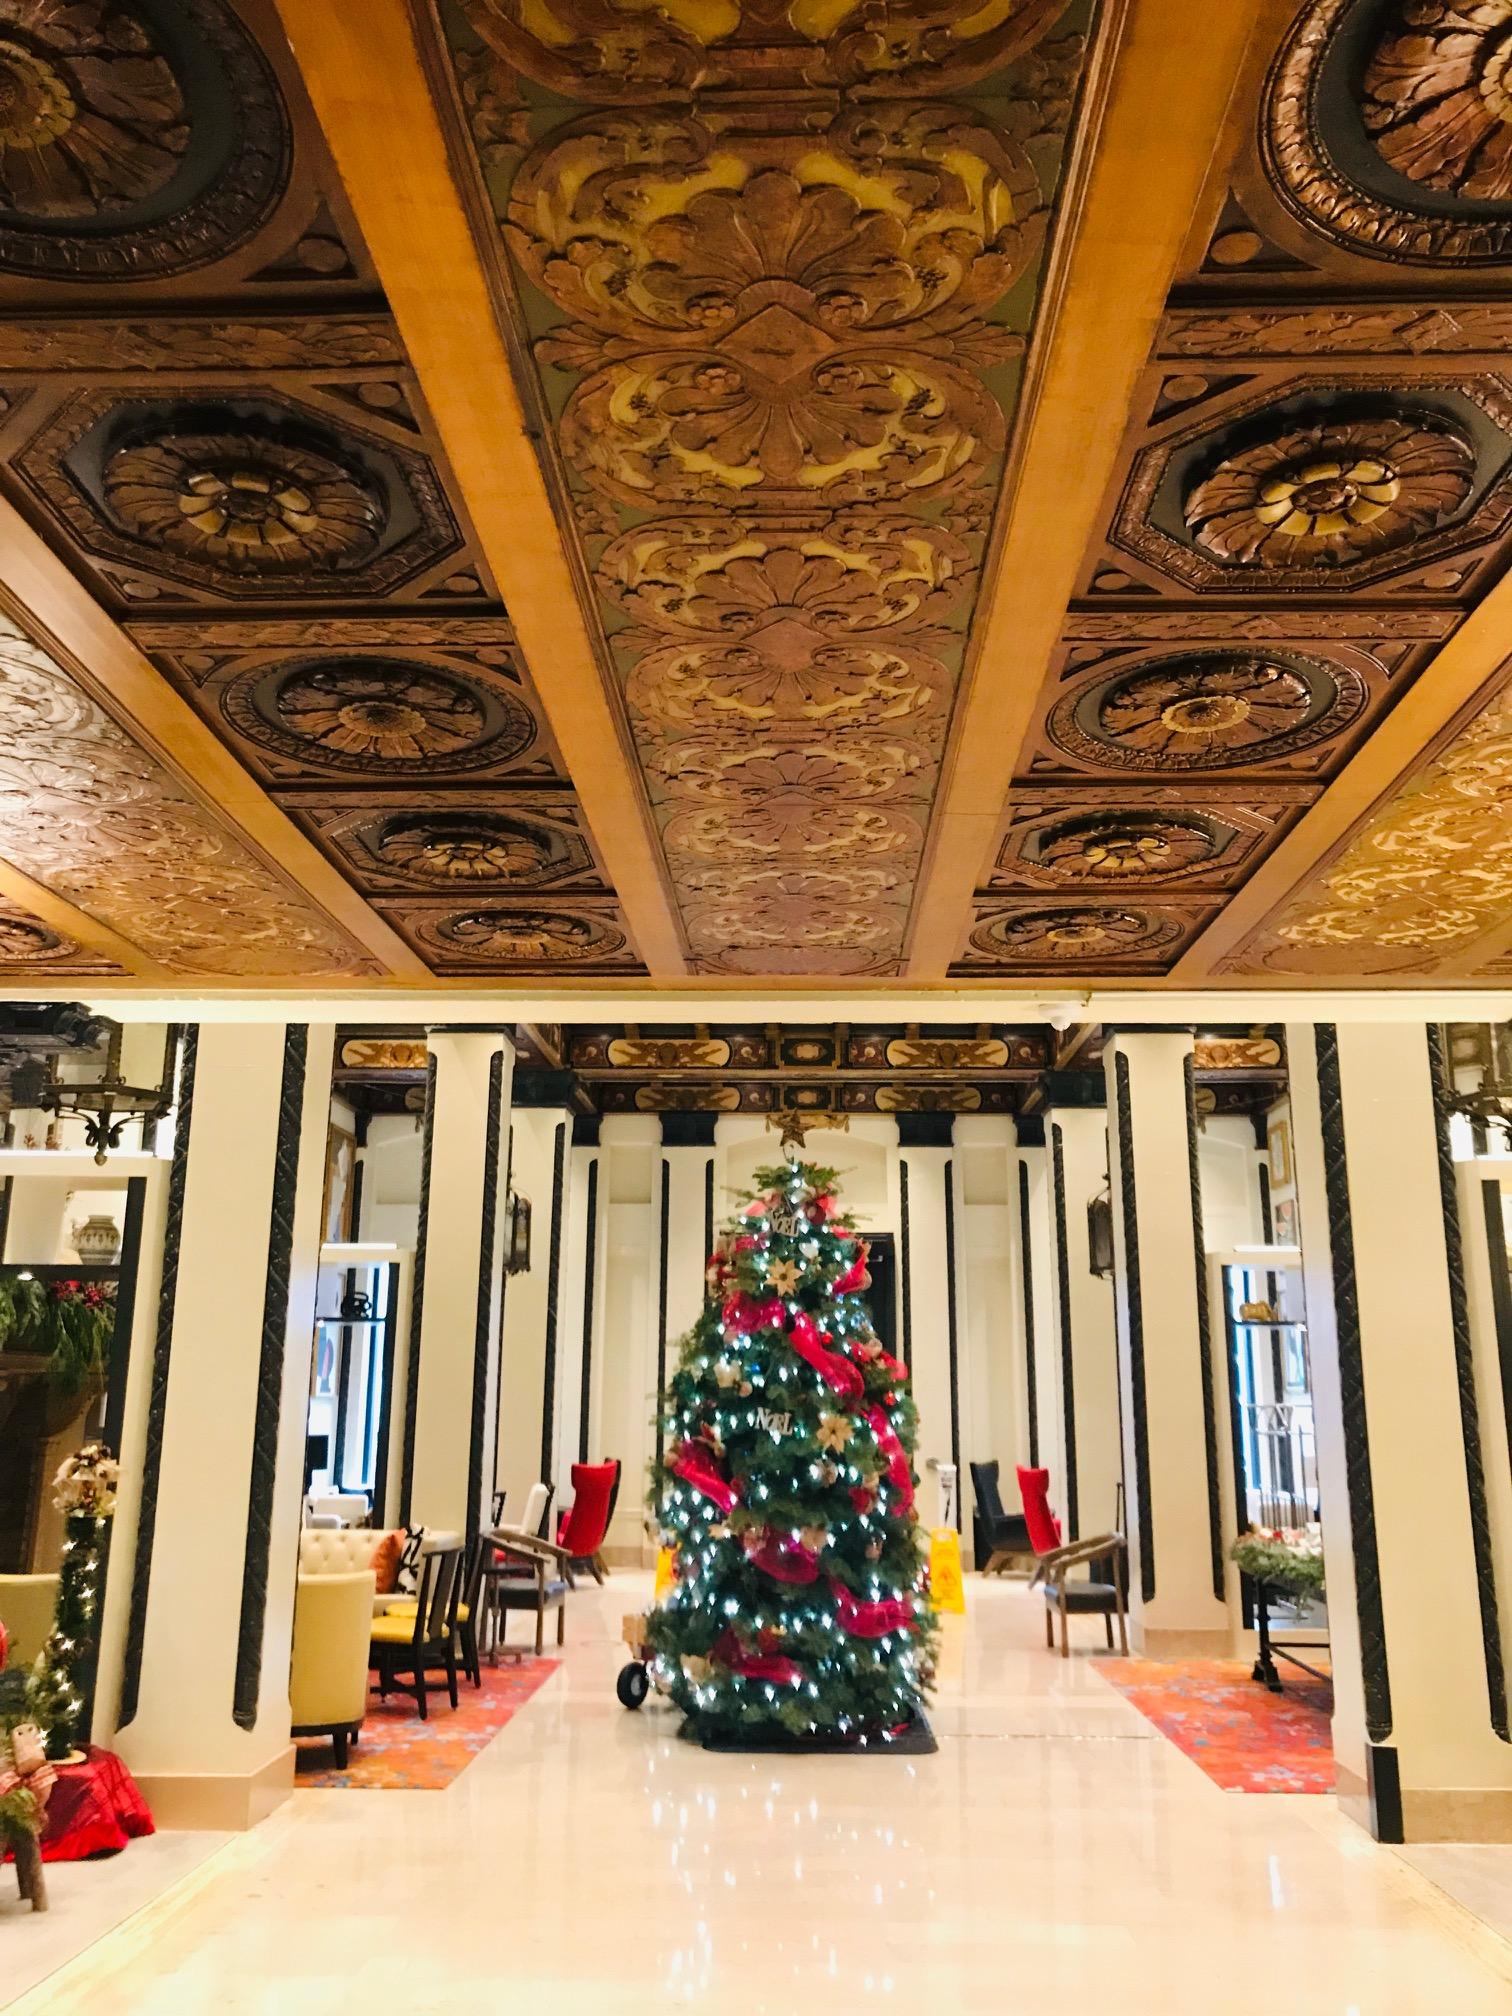 Hotel Spero San Francisco Blogger Review Union Square